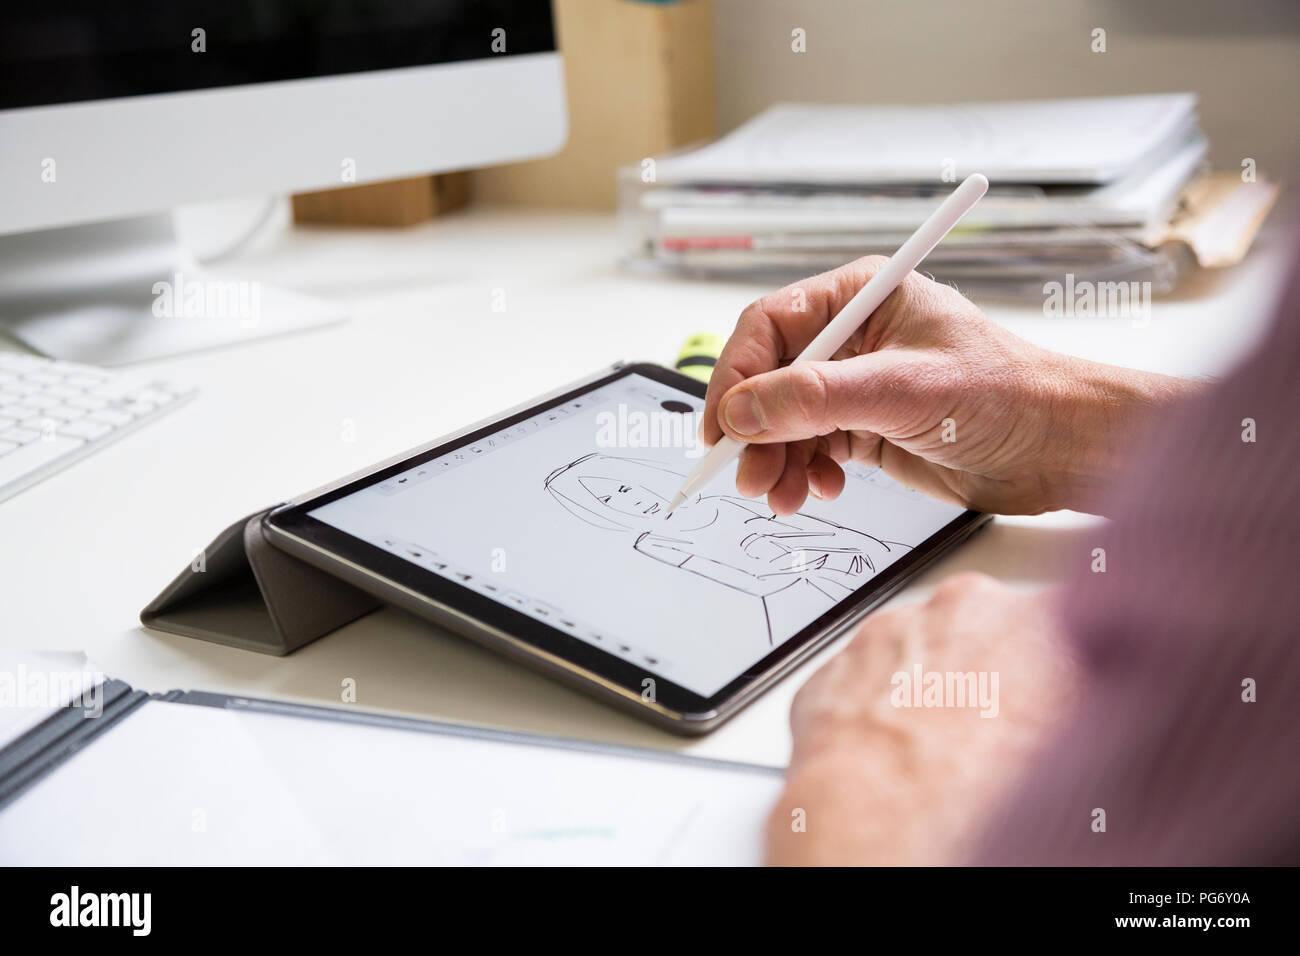 Disegno Uomo Alla Scrivania : Close up di uomo che lavora alla scrivania in ufficio disegno